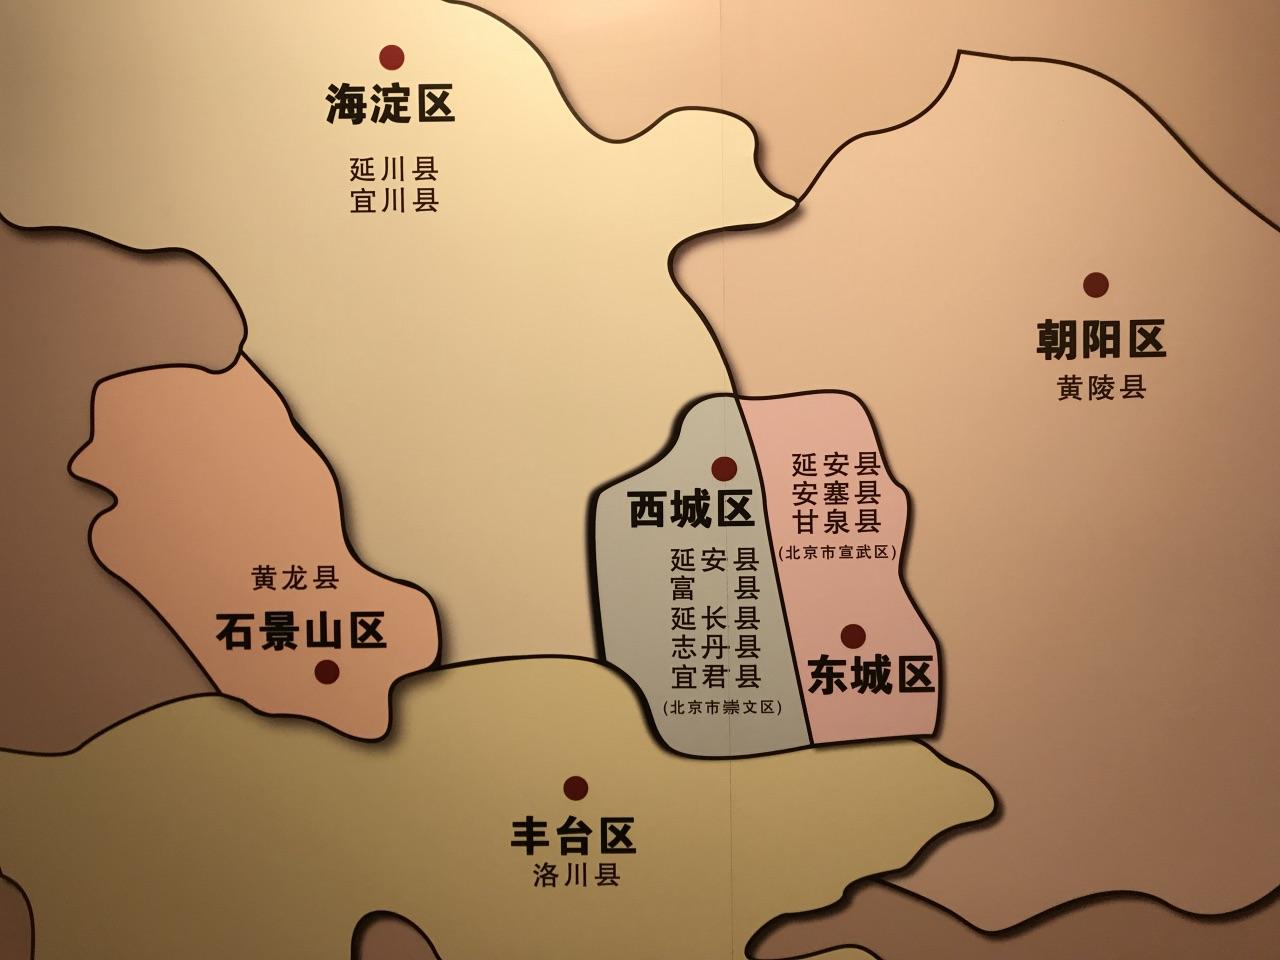 延安北京知青博物馆旅游景点攻略图